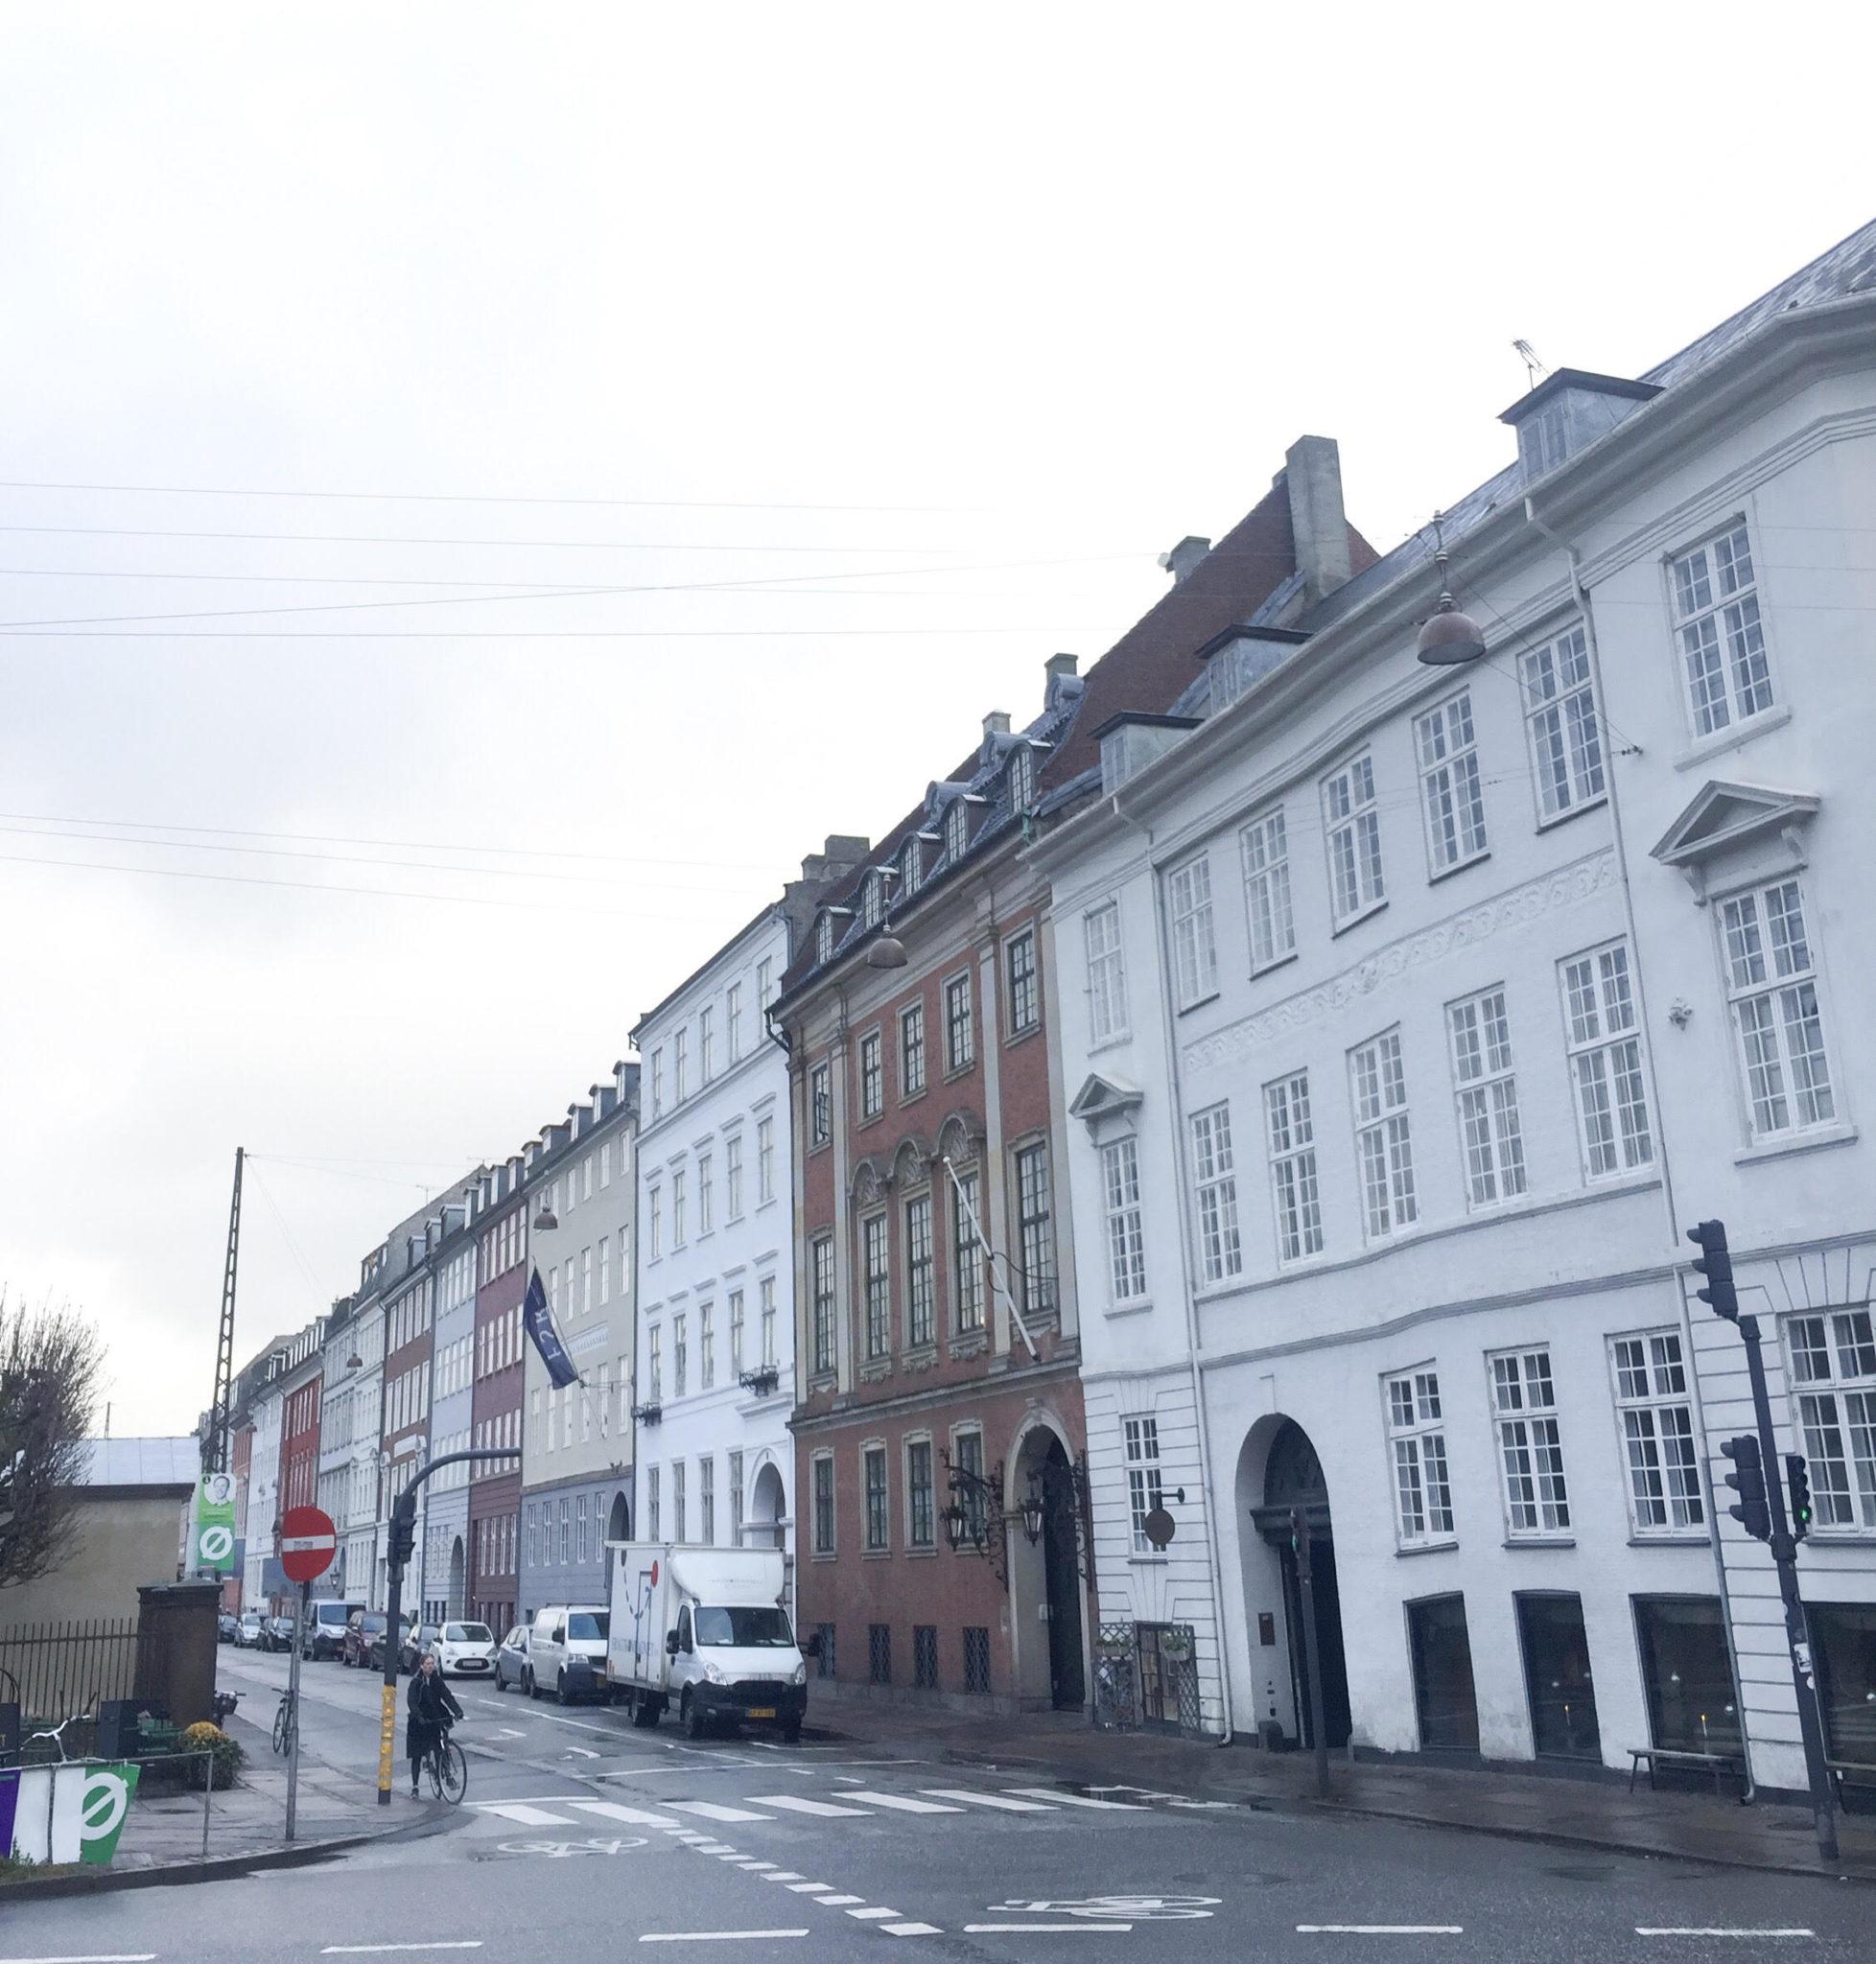 valg, metoo, stranger things, tivoli, summerbird snebolde, Morten Resen startup